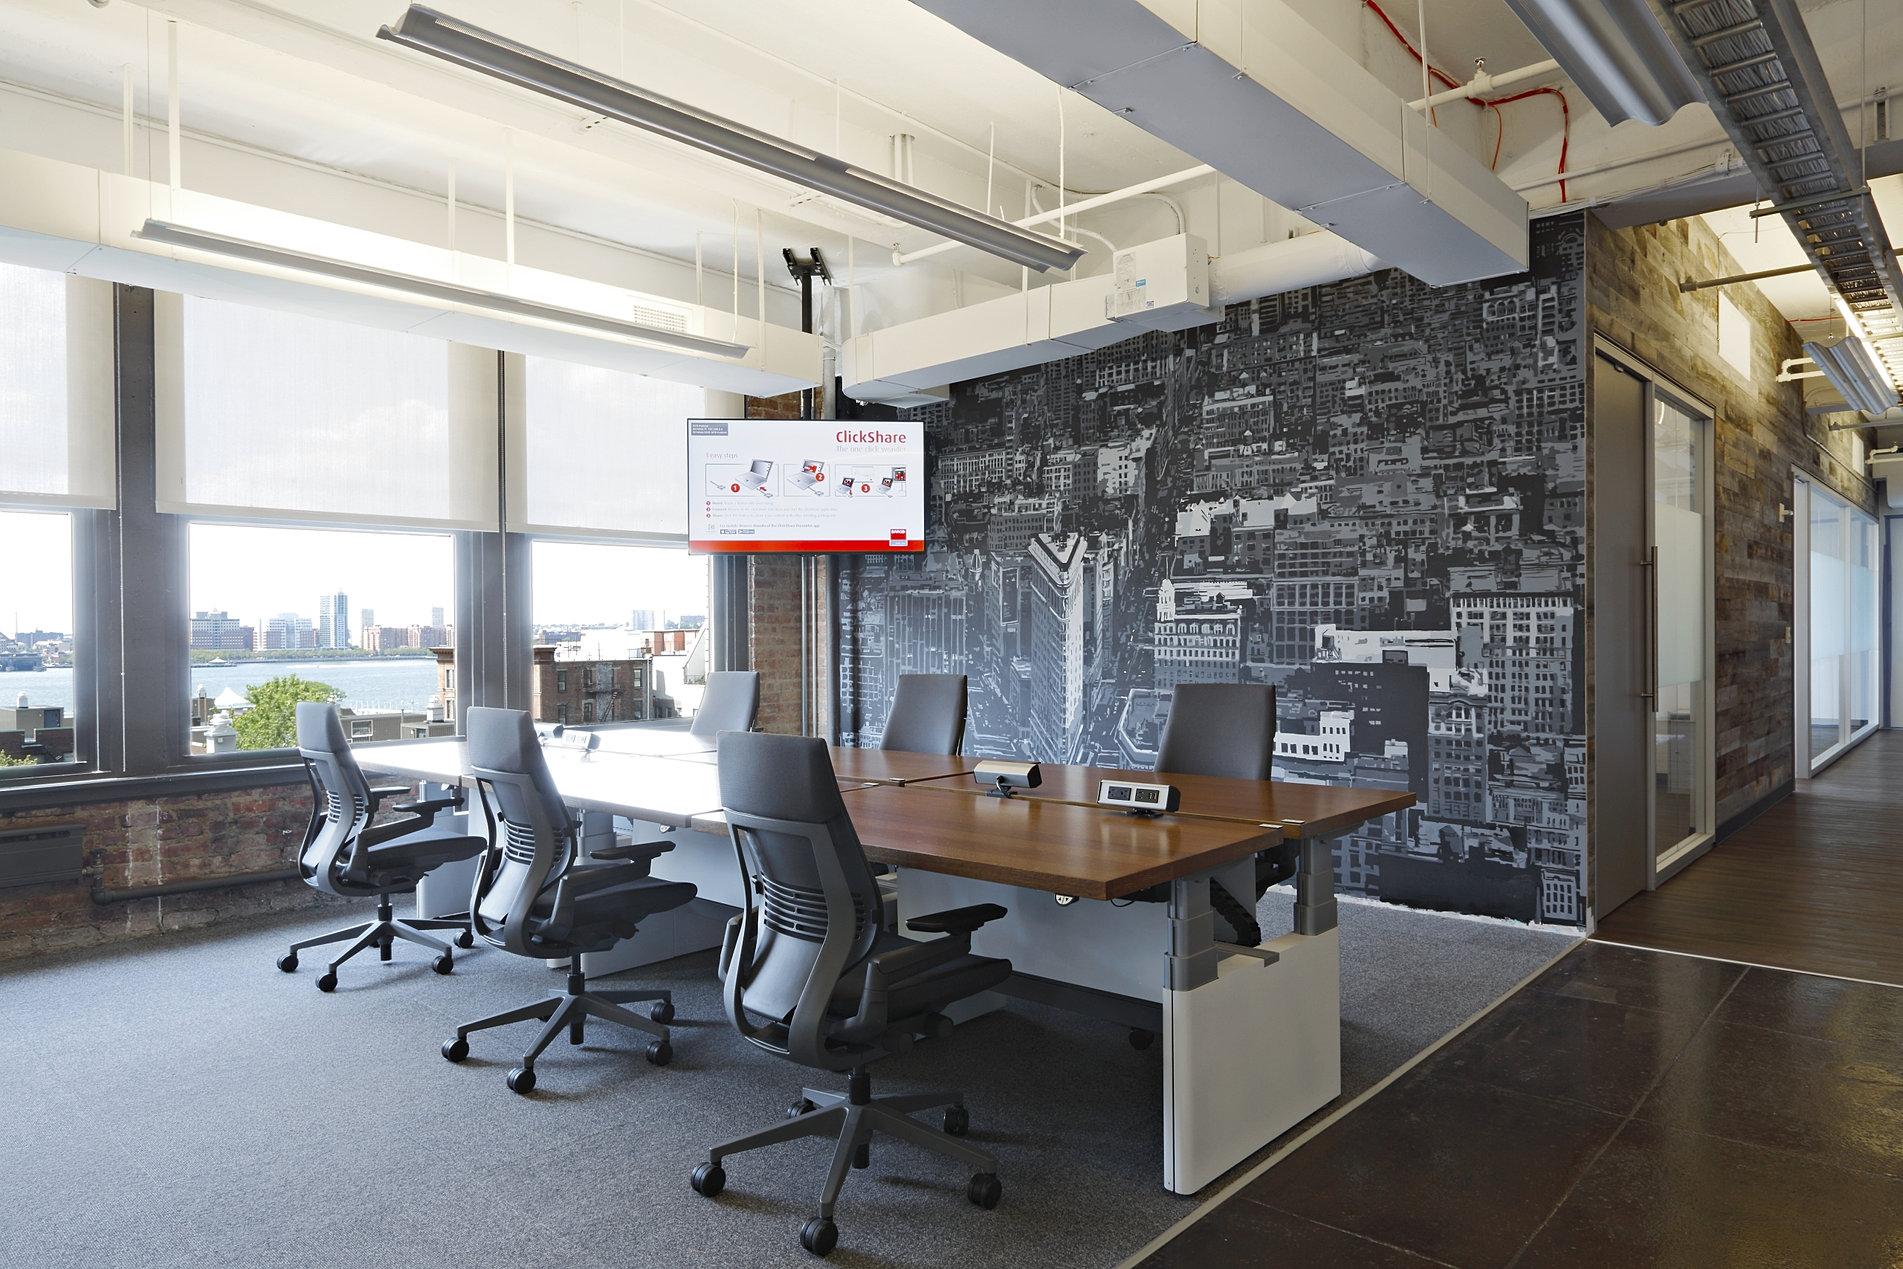 95 morton street 8th floor new york ny 10014 meze blog for 200 5th ave 8th floor new york ny 10010